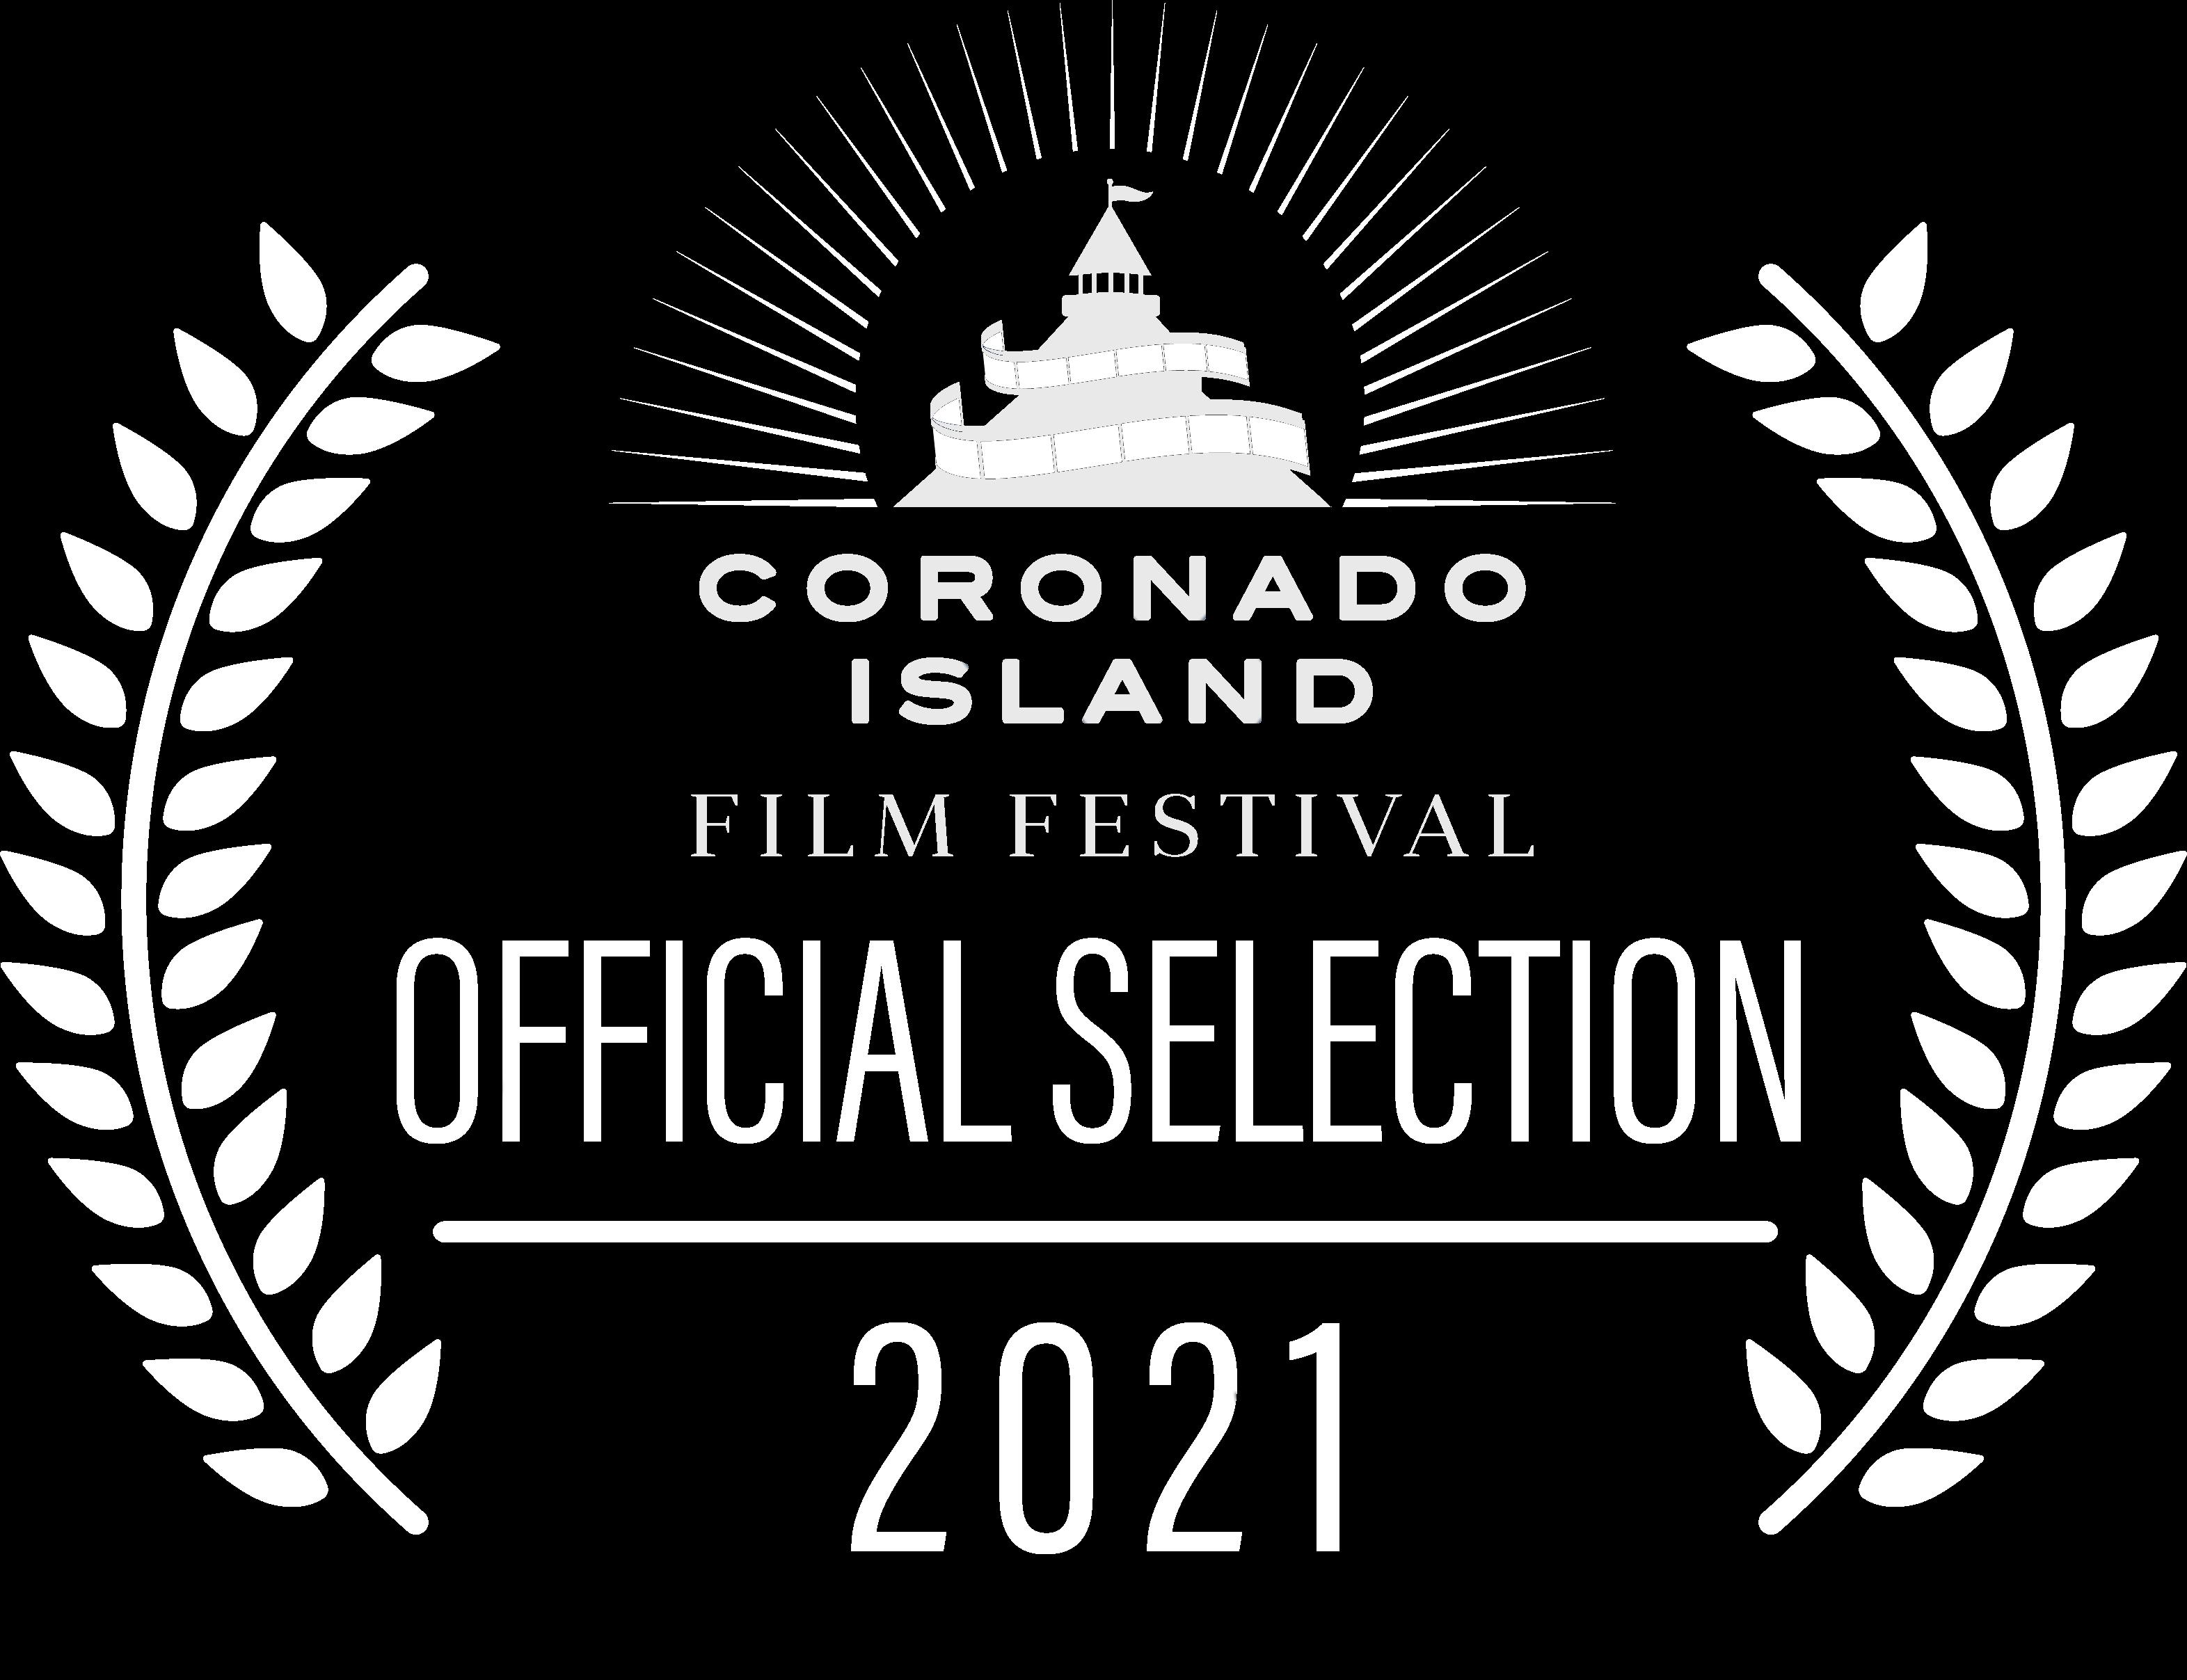 2021 Official Selection Coronado Island Film Festival